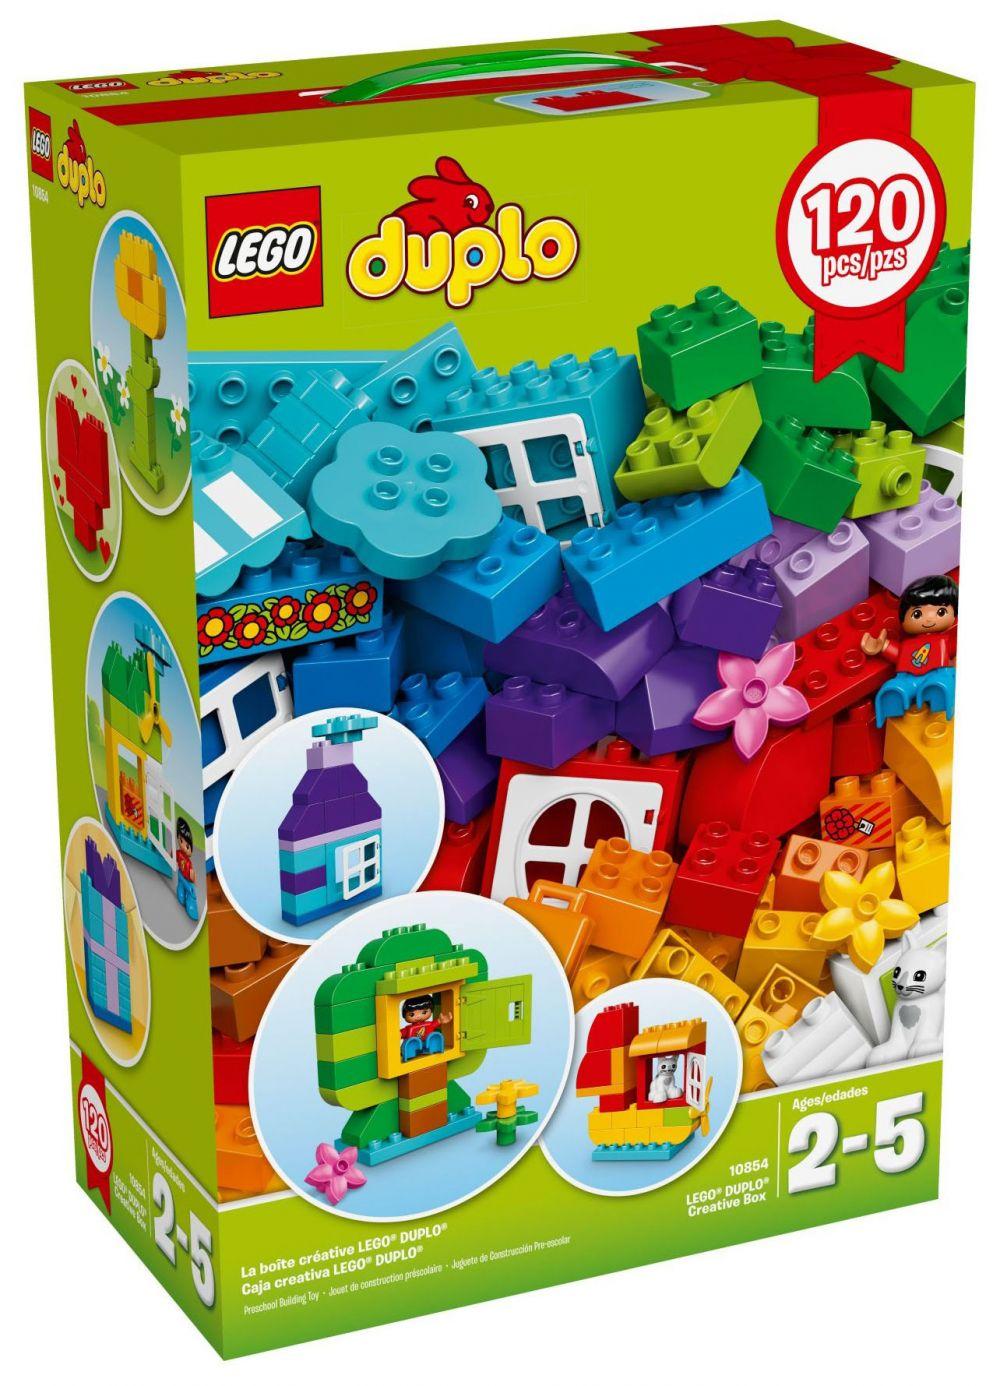 lego duplo 10854 pas cher ensemble de 120 briques lego duplo. Black Bedroom Furniture Sets. Home Design Ideas